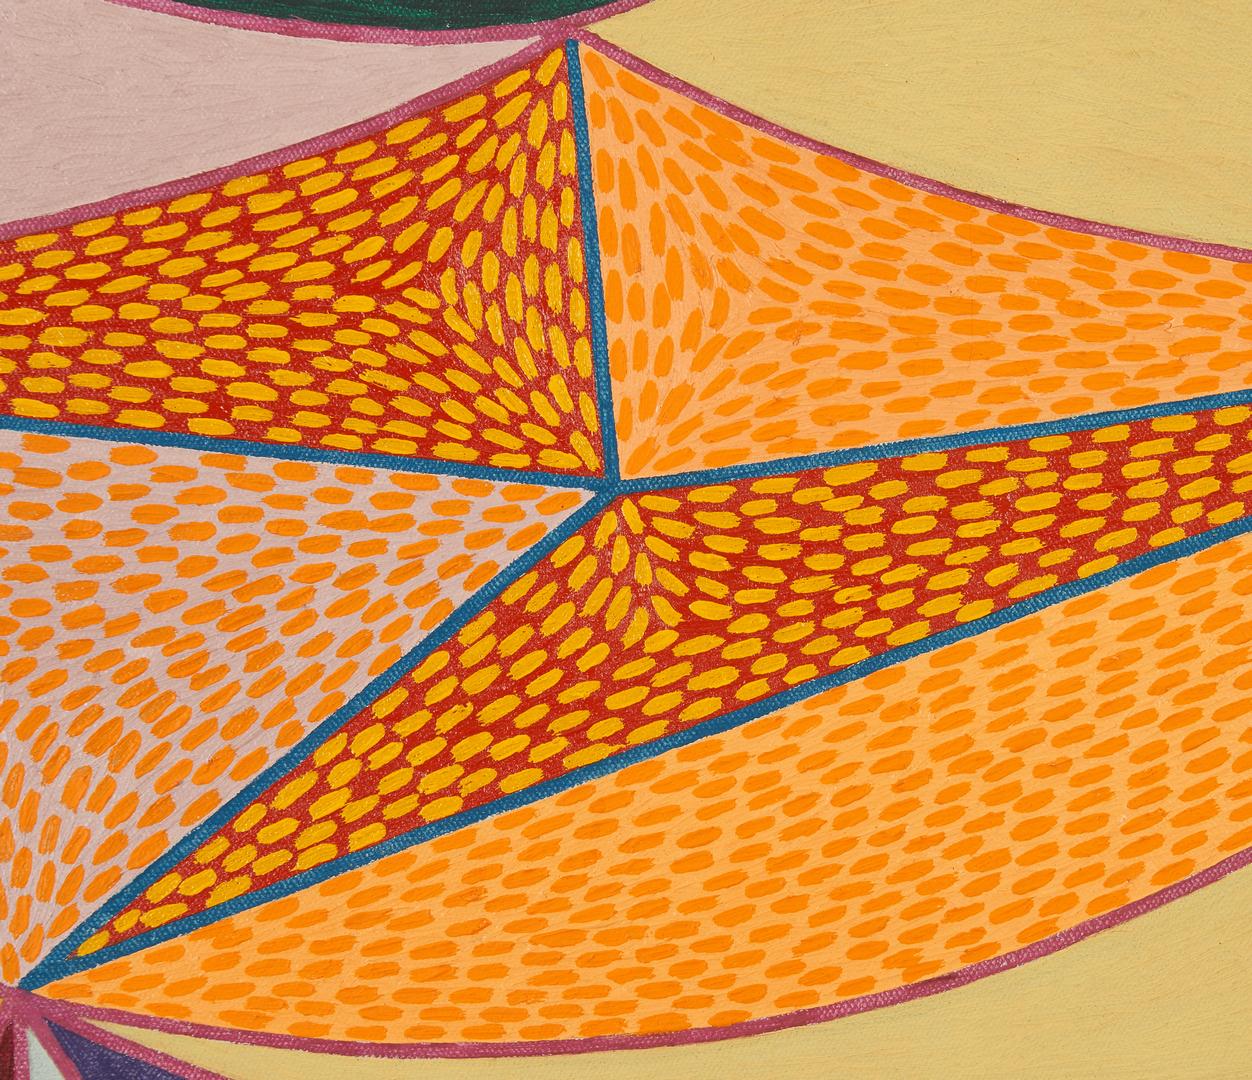 Lot 592: Douglas Denniston Abstract O/C, Composition No. 34